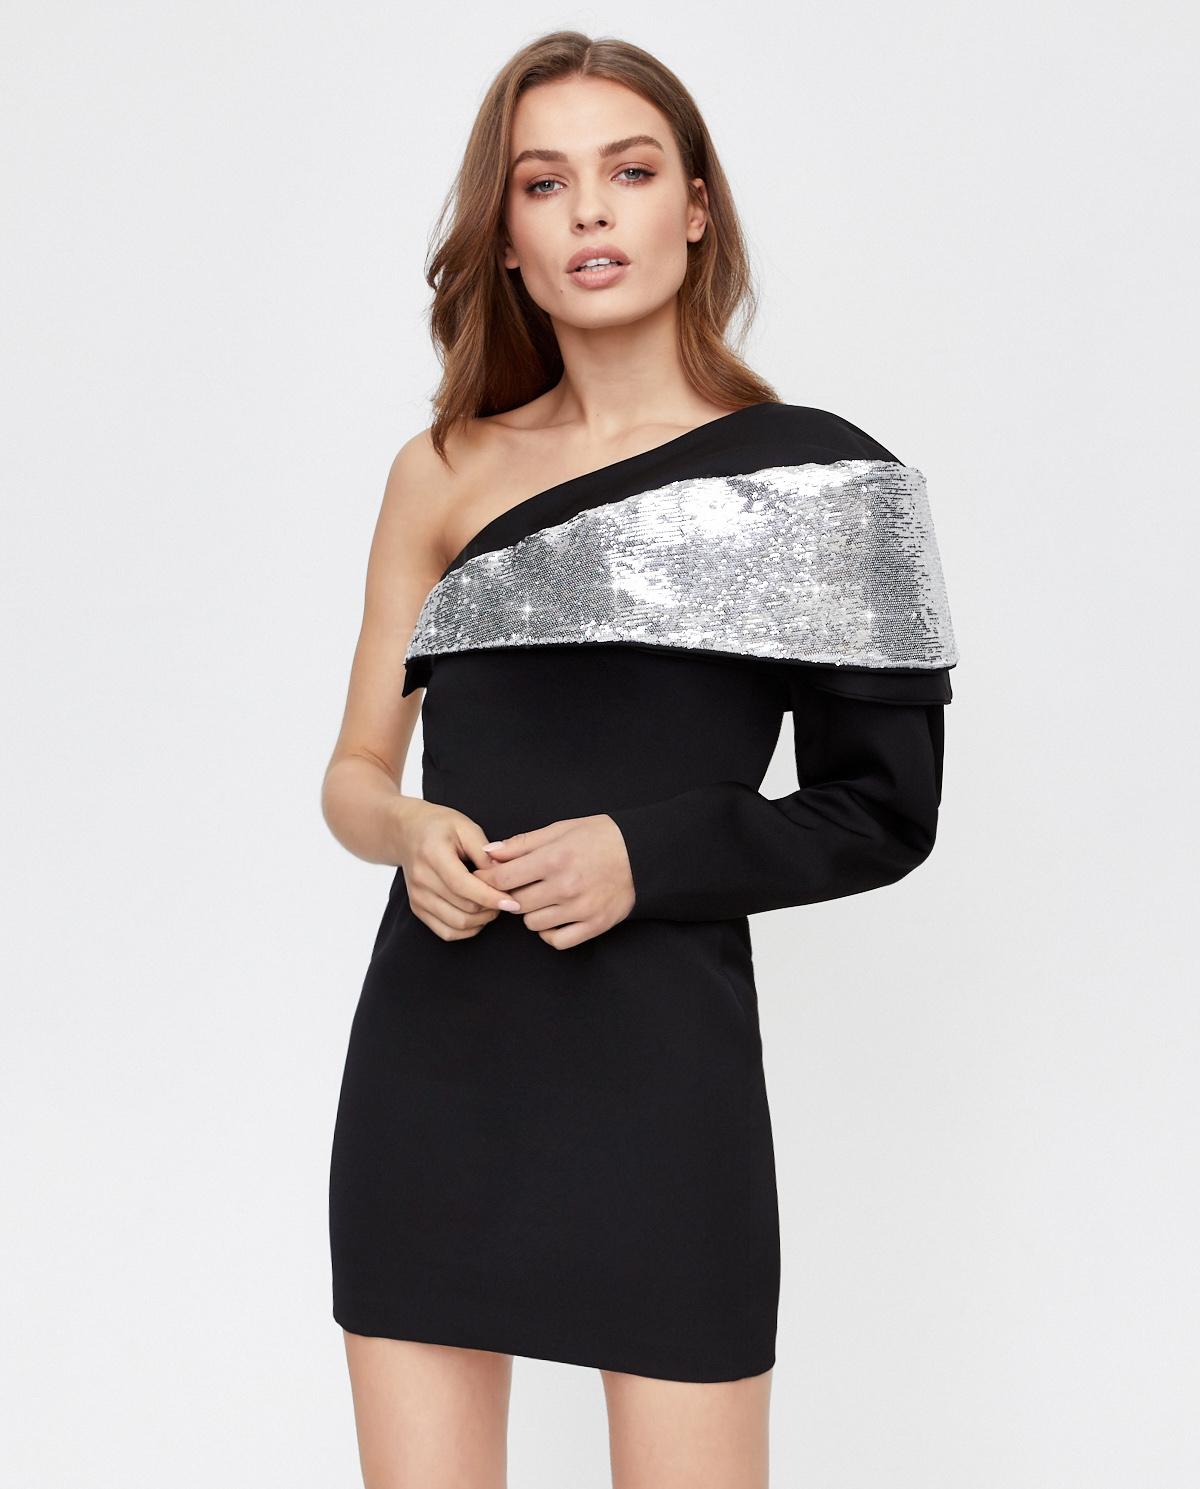 Wełniana sukienka na jedno ramię Isabel Marant RO1839-20H053I 01BK